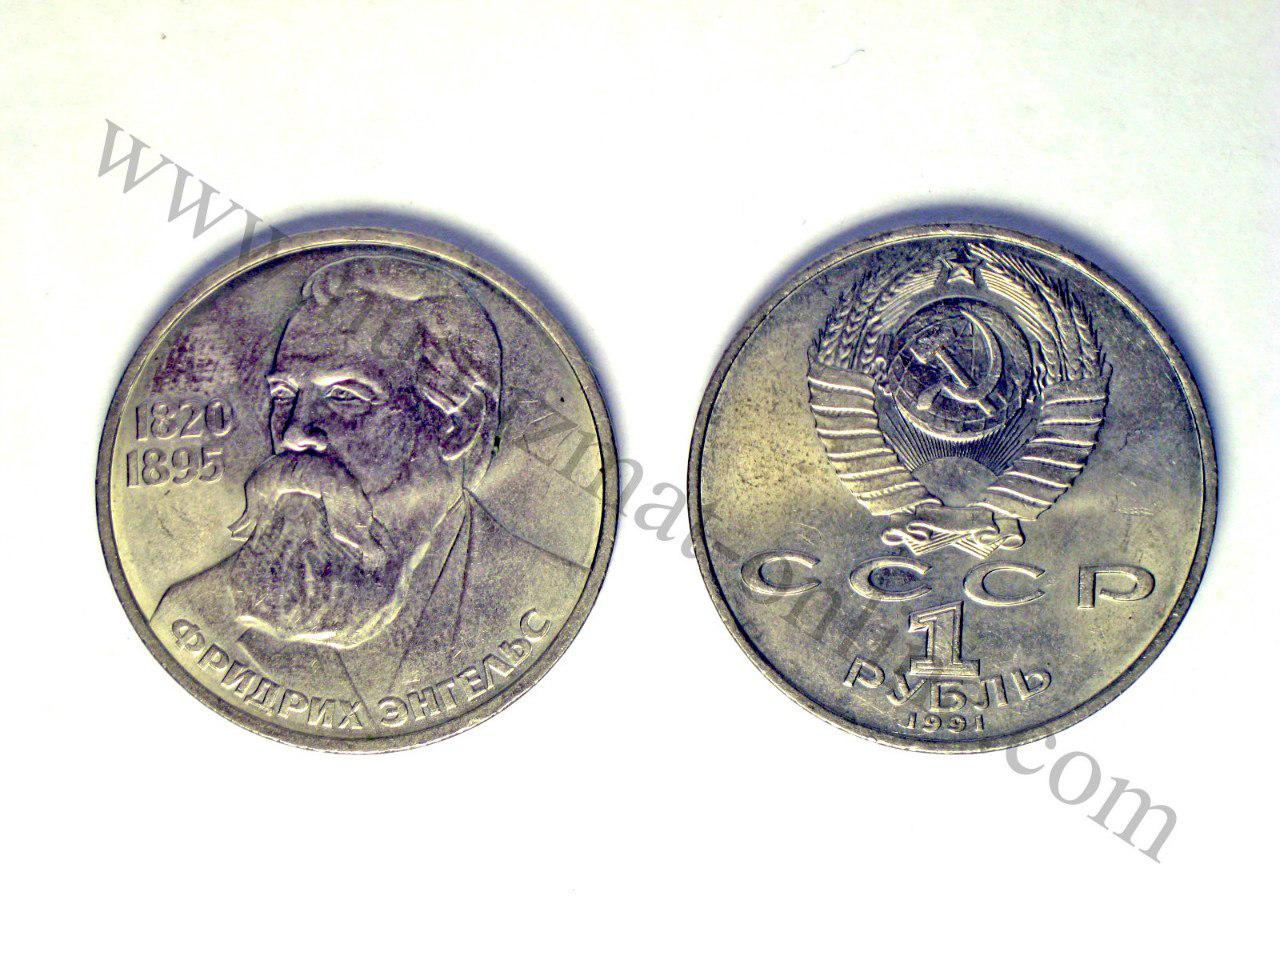 1985 (1 рубль) 165 лет со дня рожедния Фридриха Энгельска